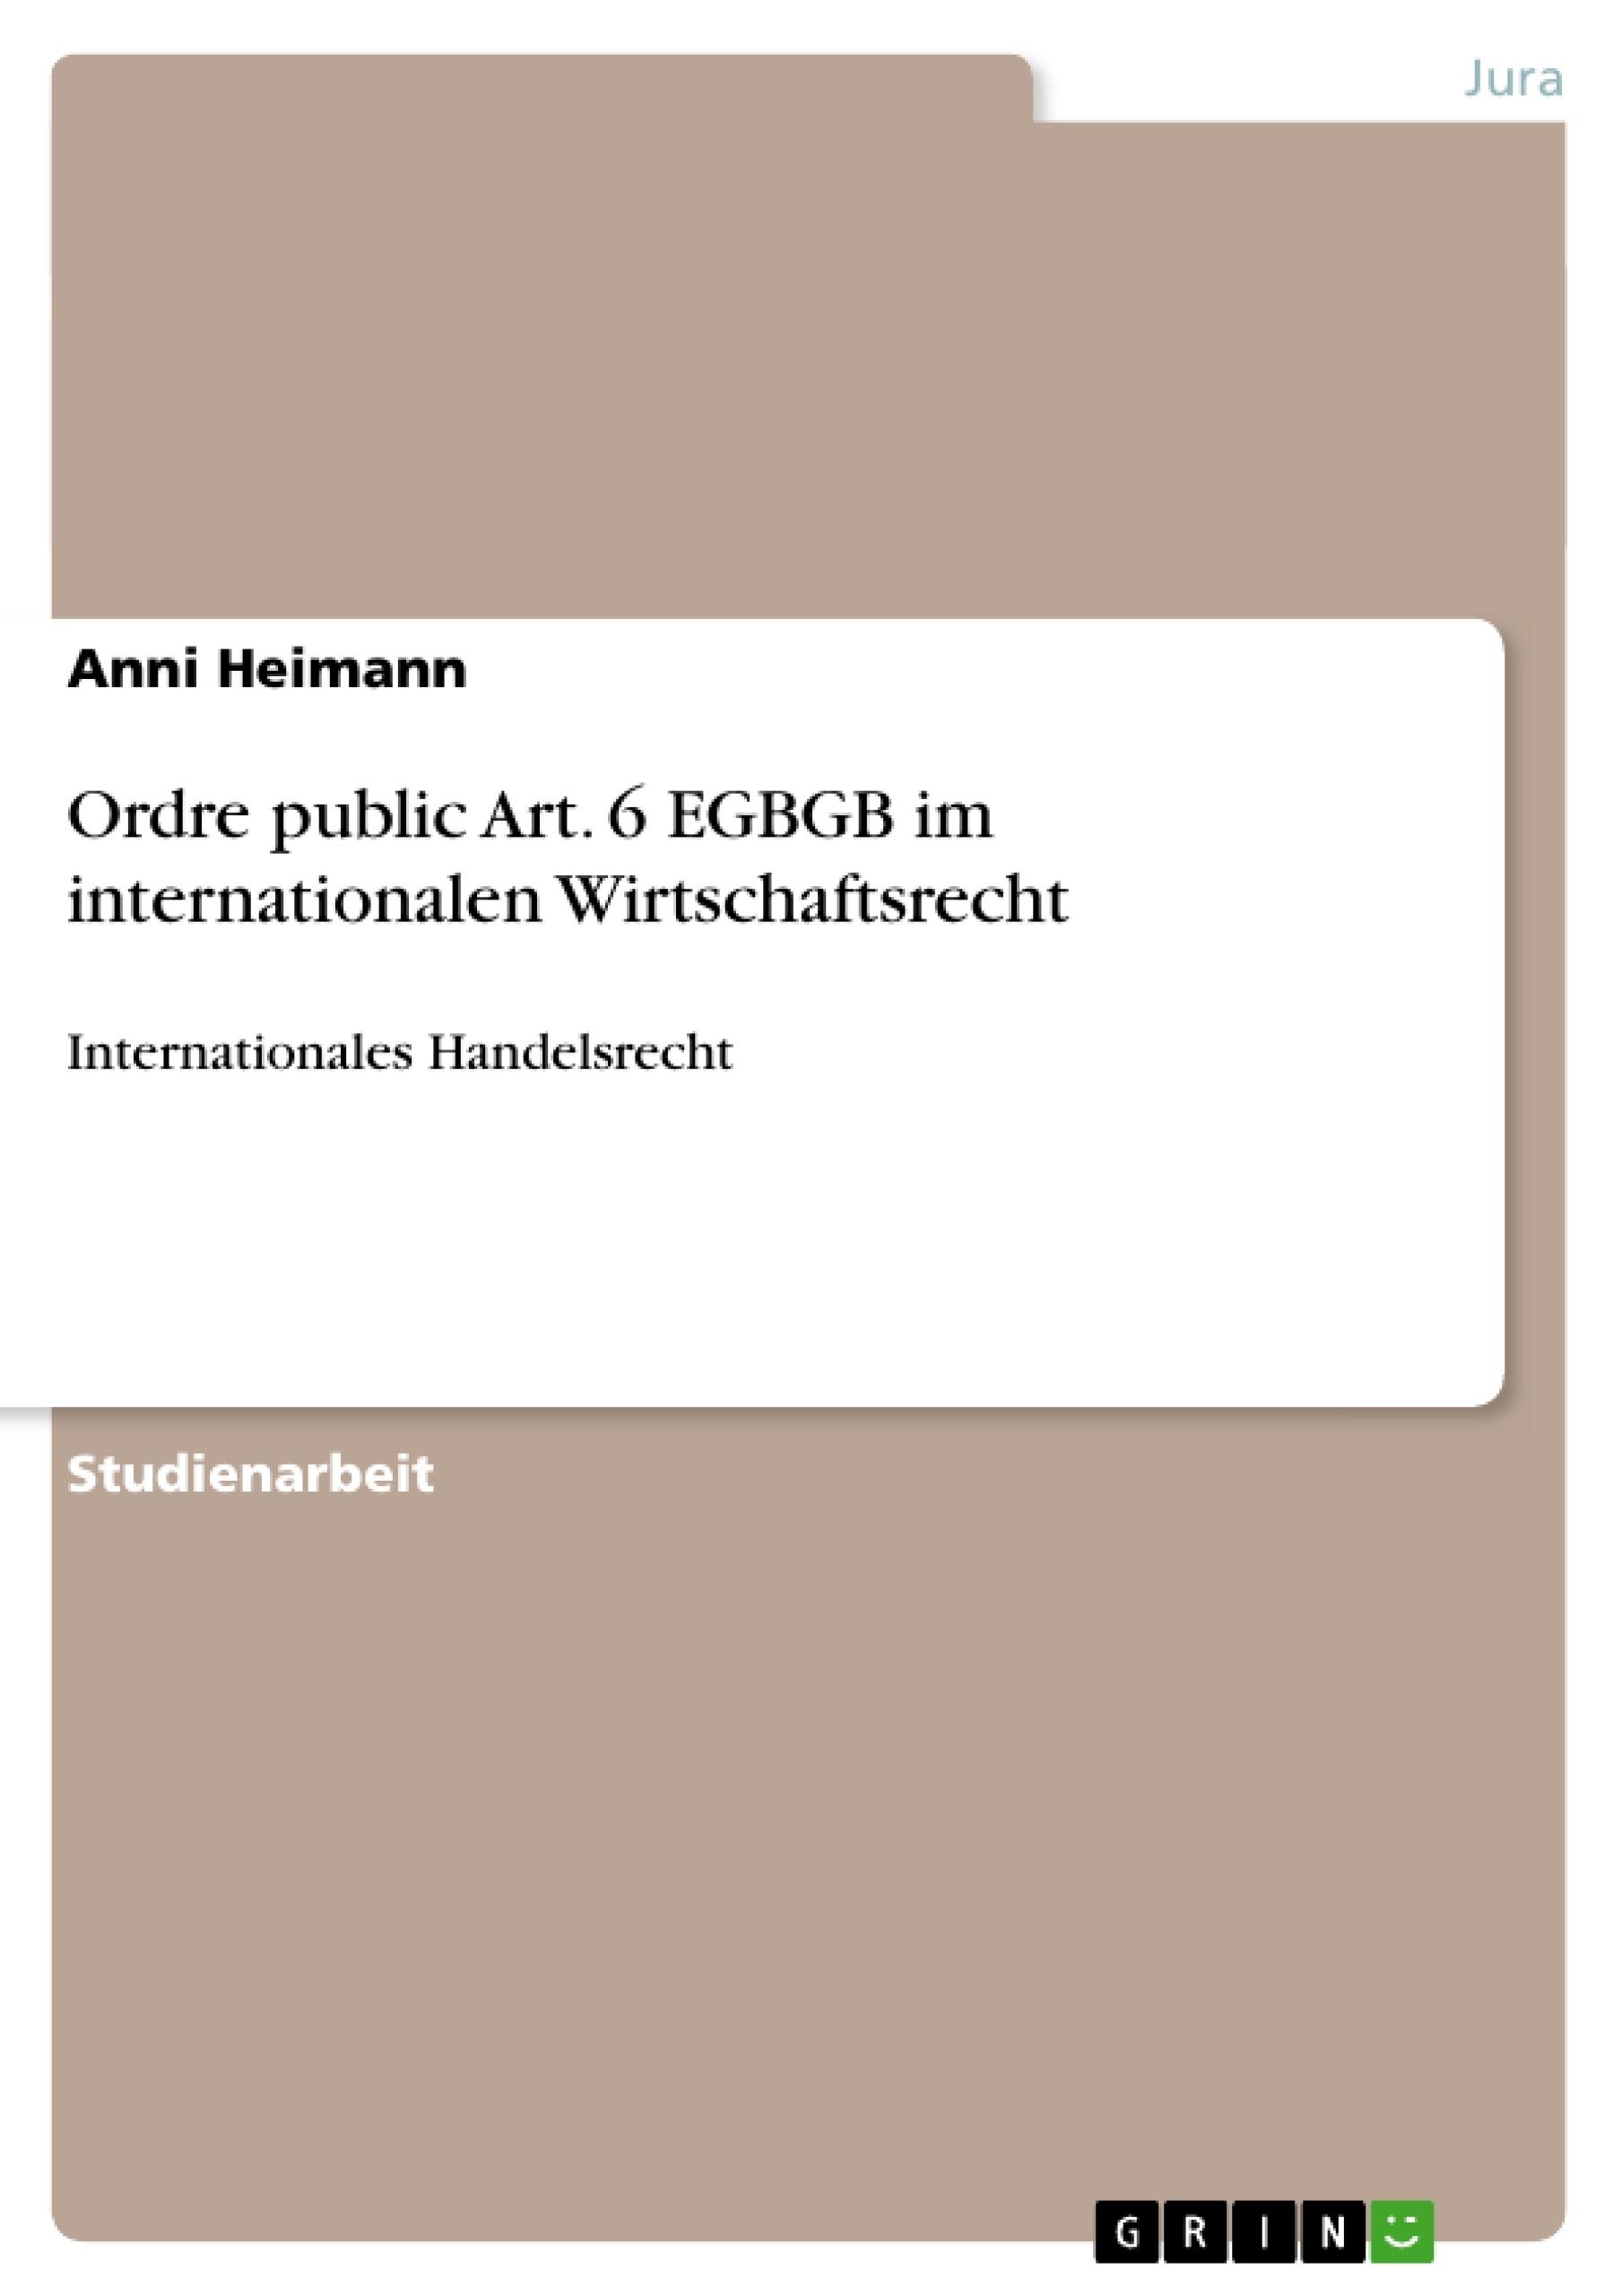 Titel: Ordre public Art. 6 EGBGB im internationalen Wirtschaftsrecht